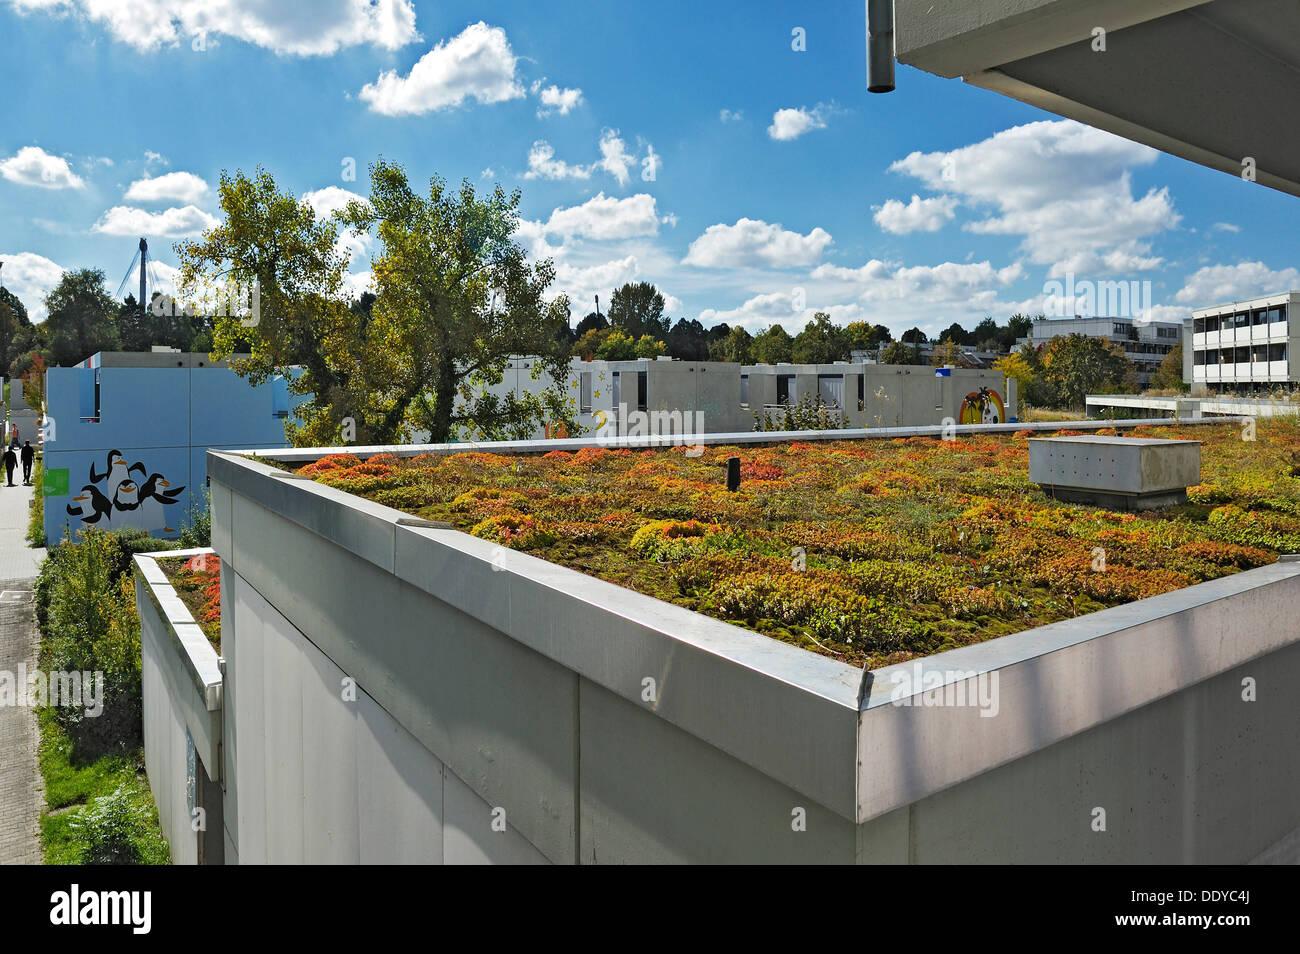 Casa con un techo plano de color verde en la antigua Villa Olímpica, Munich, Baviera Imagen De Stock